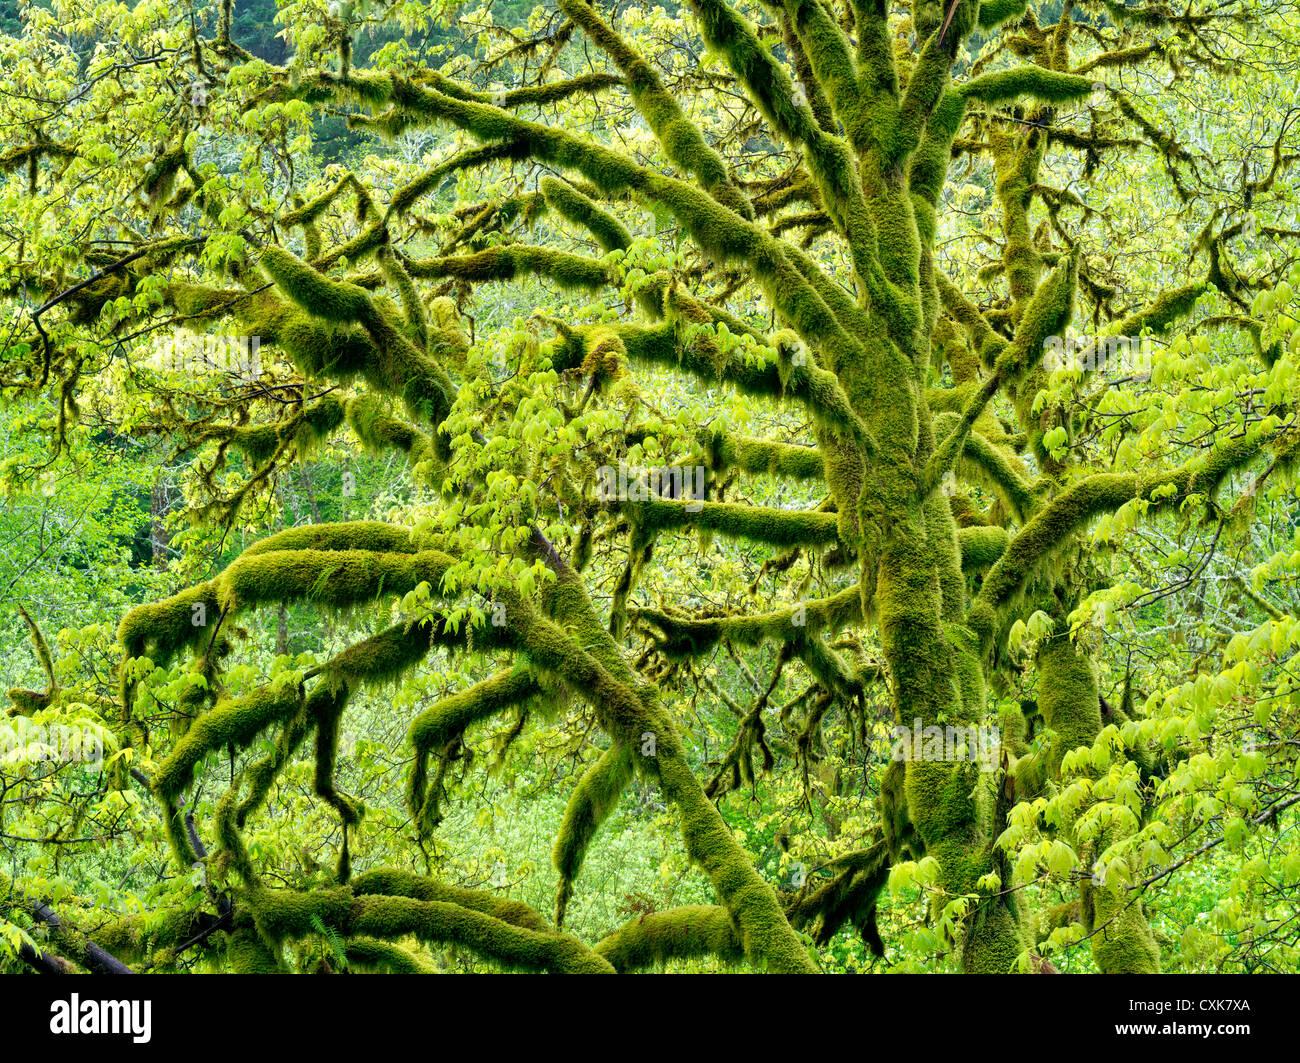 Grandi foglie di acero con MOSS e una nuova crescita. Oregon gamma costiere. Immagini Stock